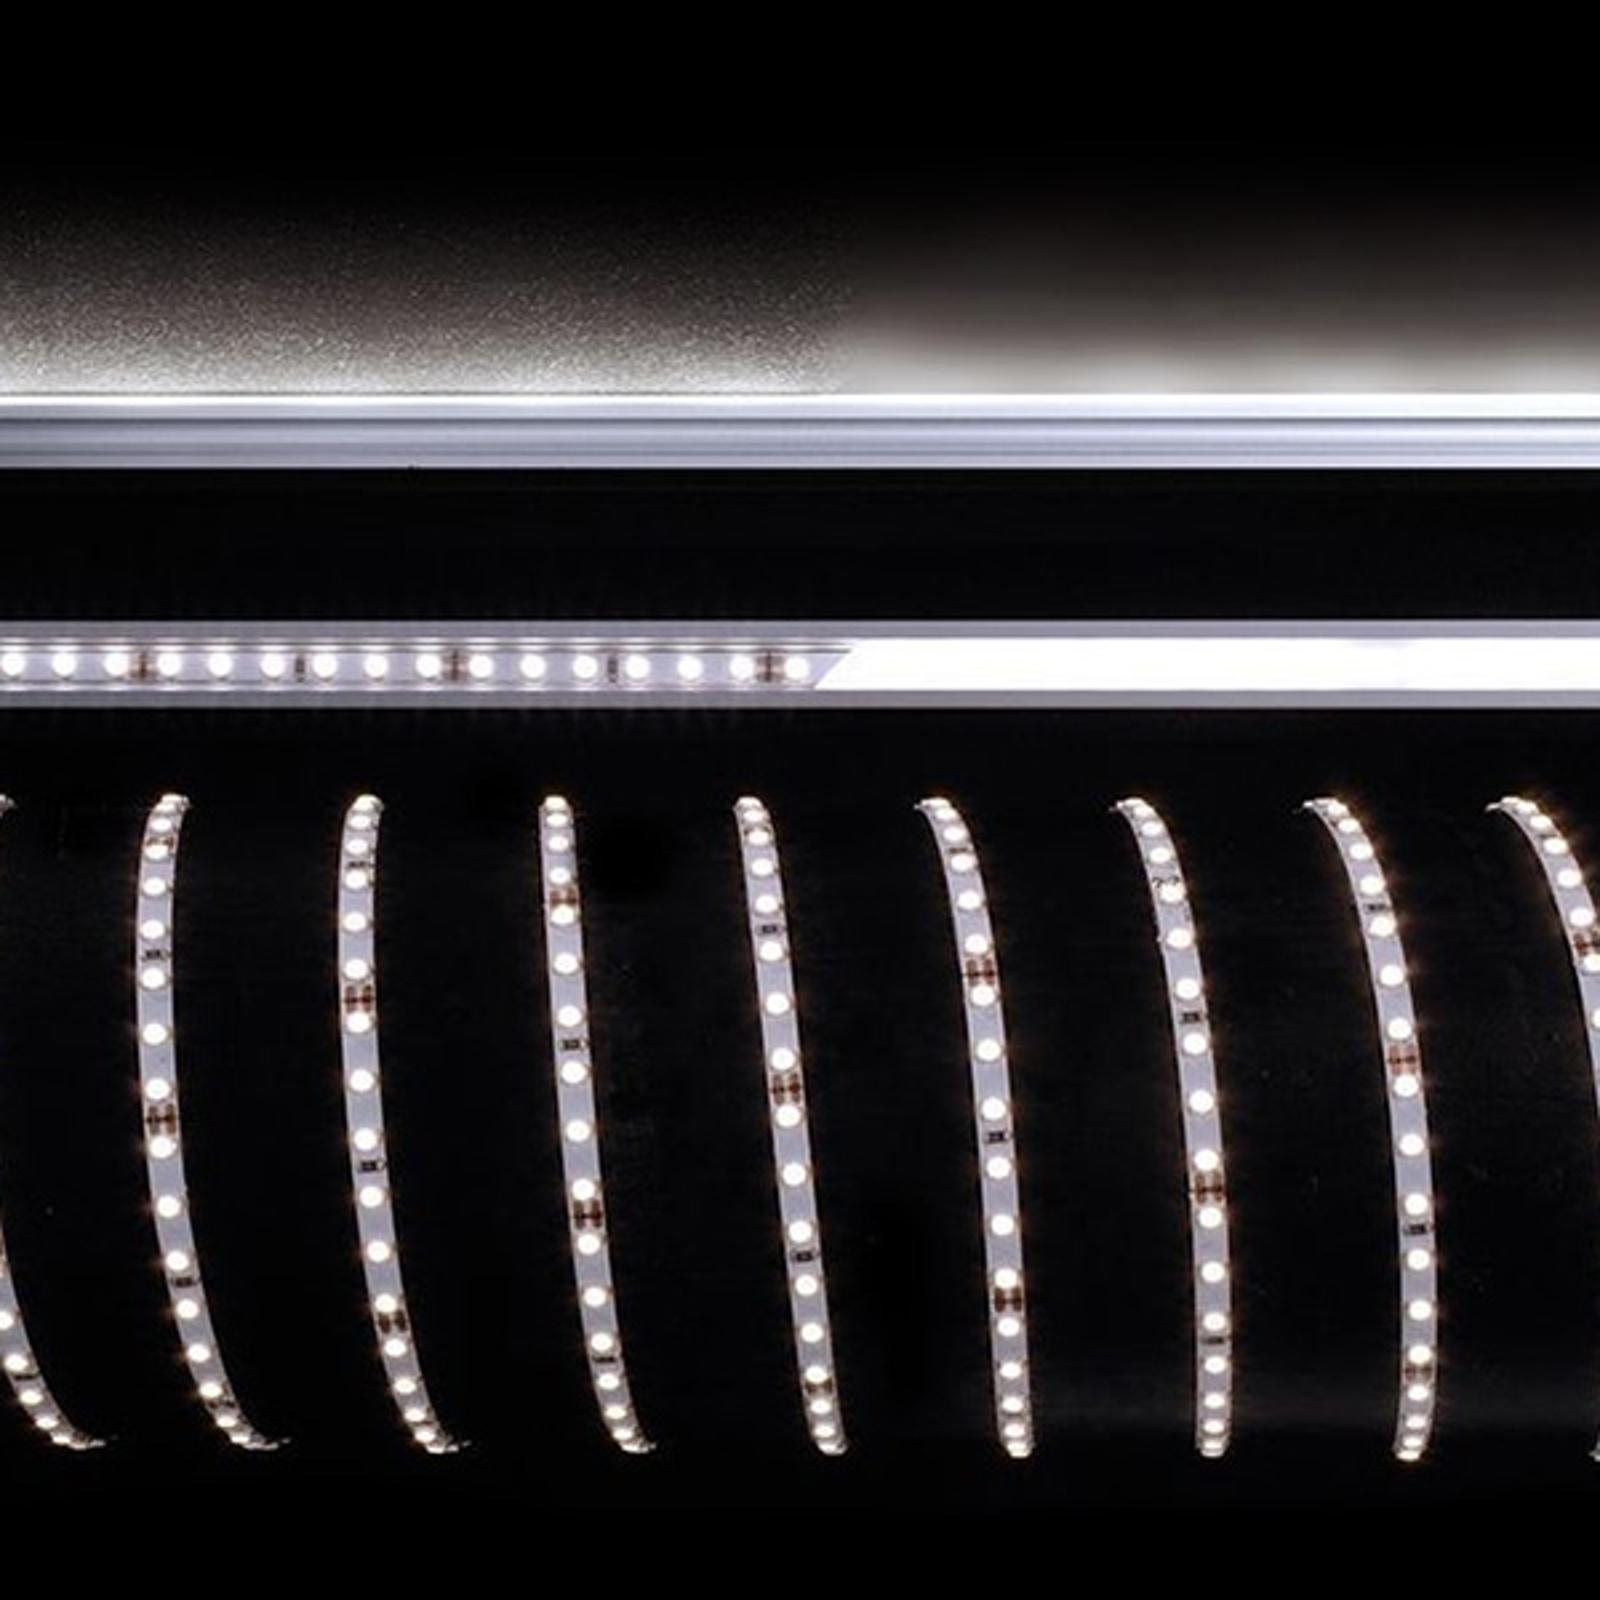 Flexibel LED-list, 45 W 500 x 0,4 x 0,2 cm 4000K